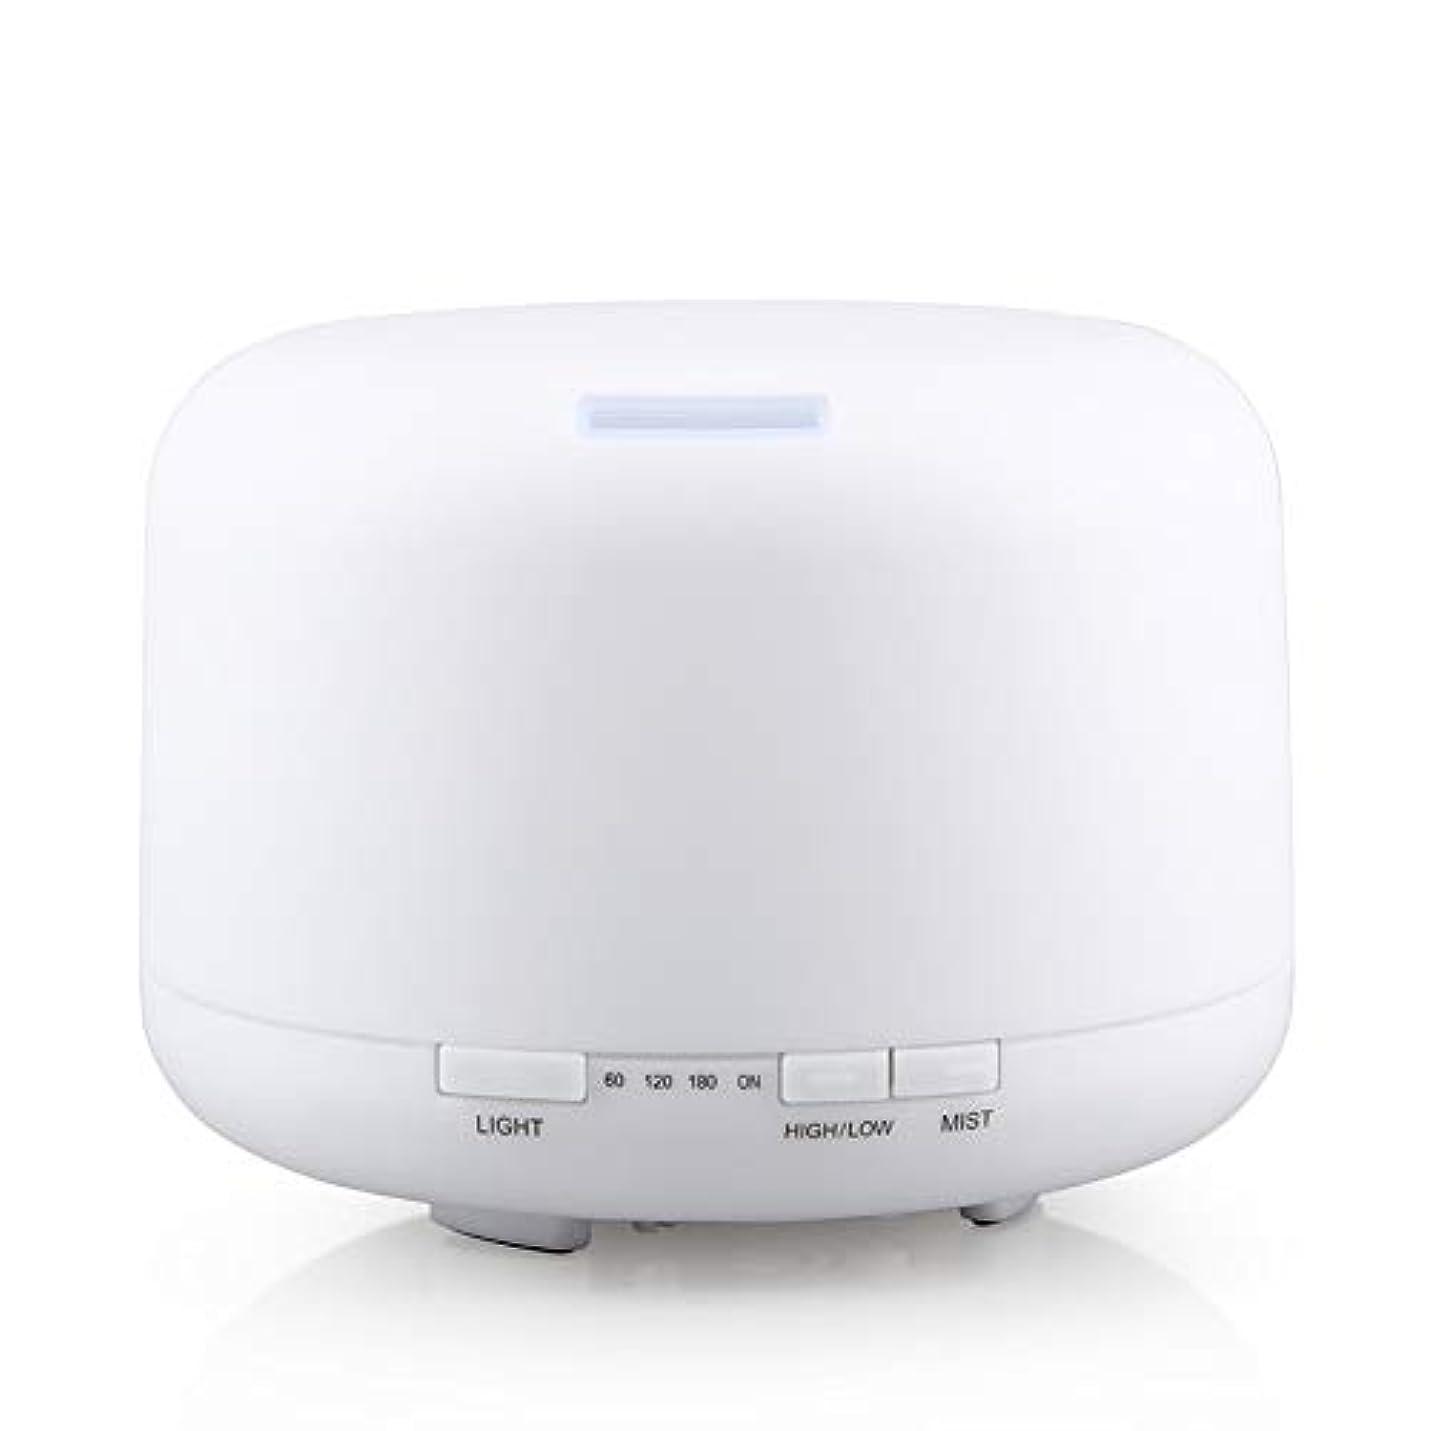 南西理容師権限を与える500ml 家庭用加湿器プラグイン超音波アロマセラピーマシンエッセンシャルオイル加湿器ホームナイトライト